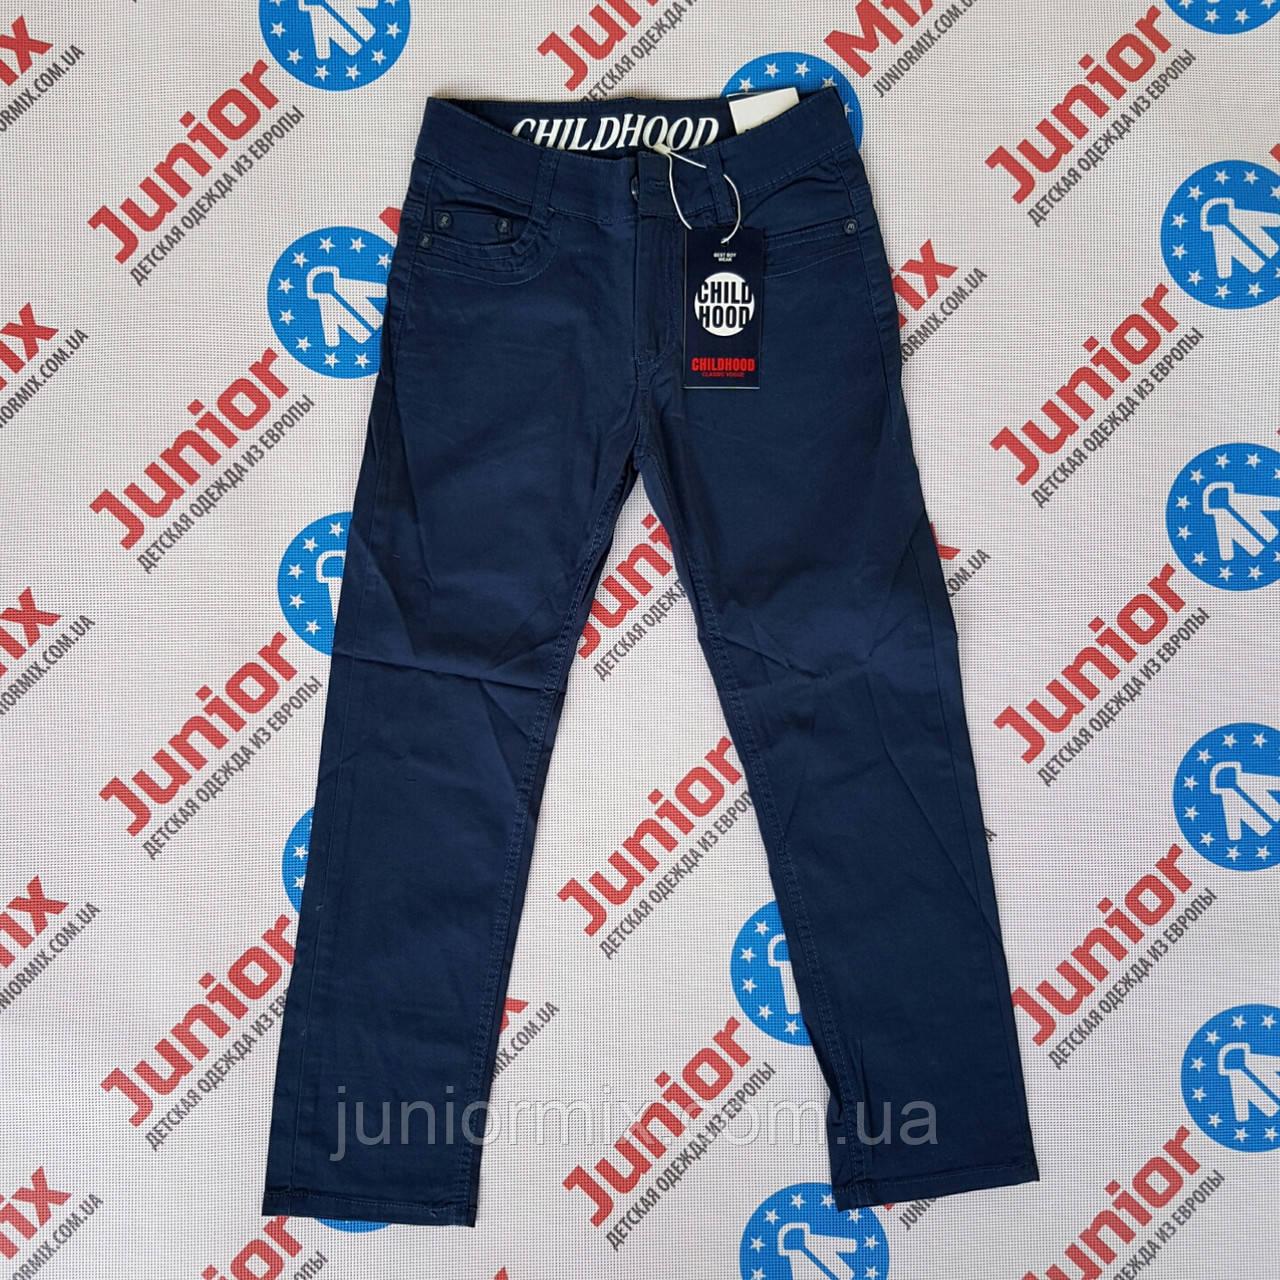 Котоновые брюки на мальчика синего цвета CHILDHOOD